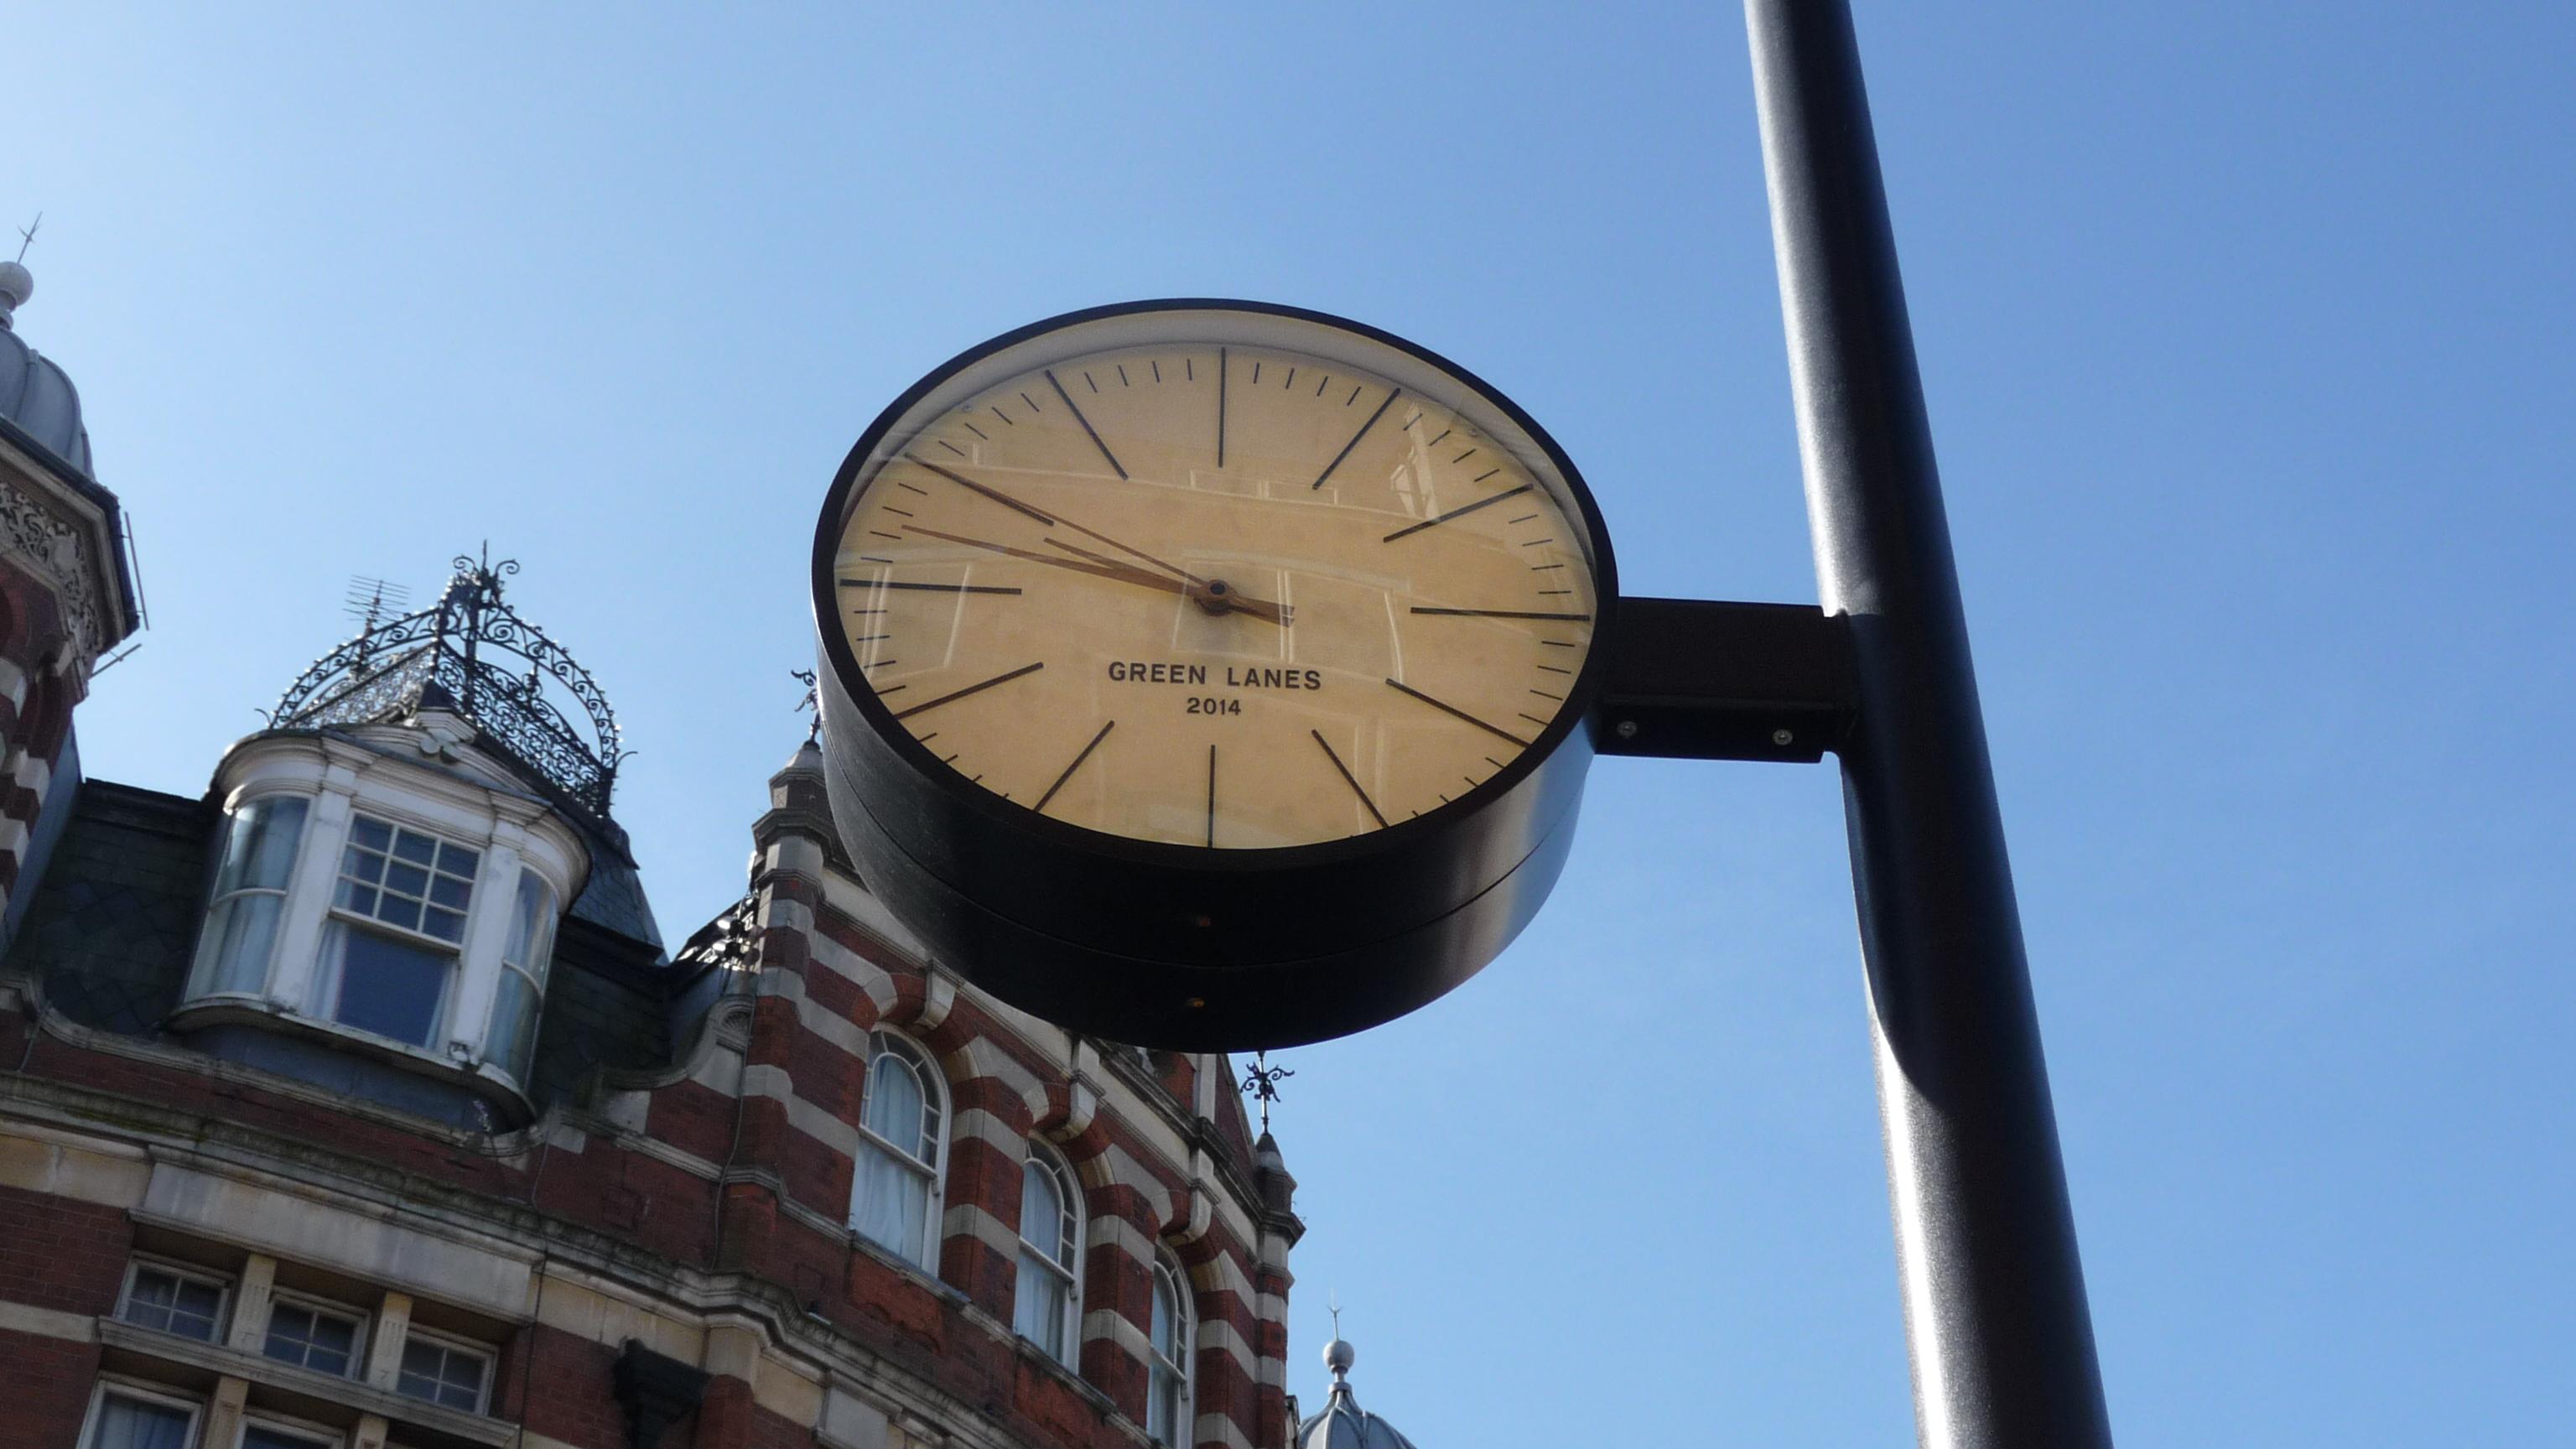 Public drum clock